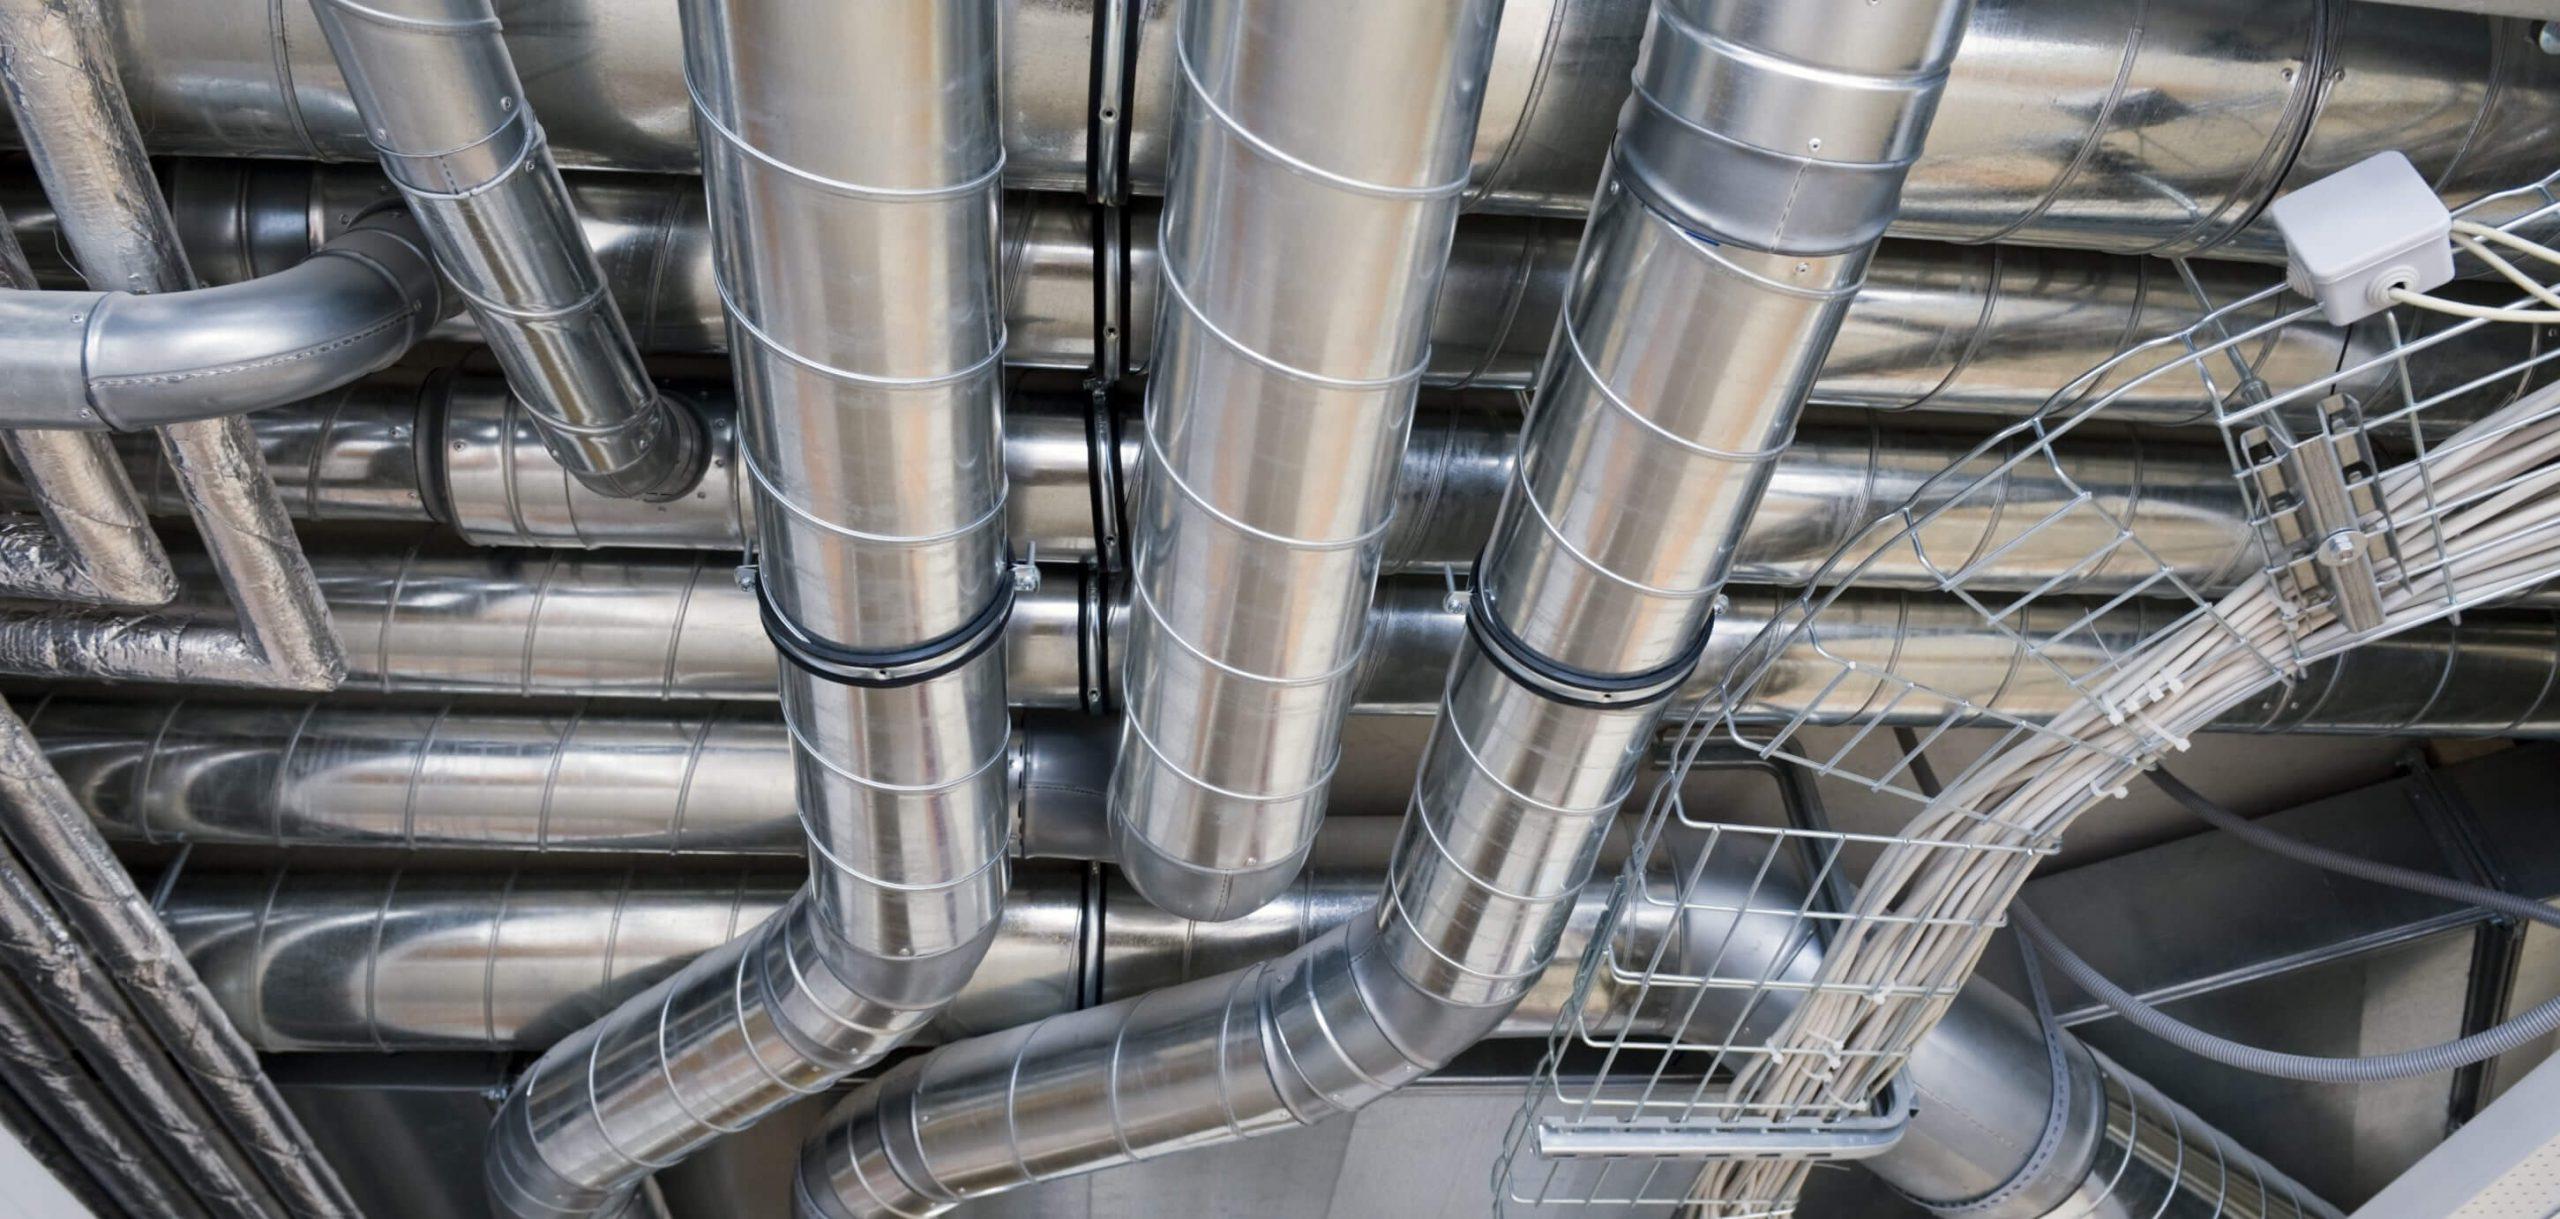 Servicio: Climatización y ventilación, imagen 2 - López Urrutia